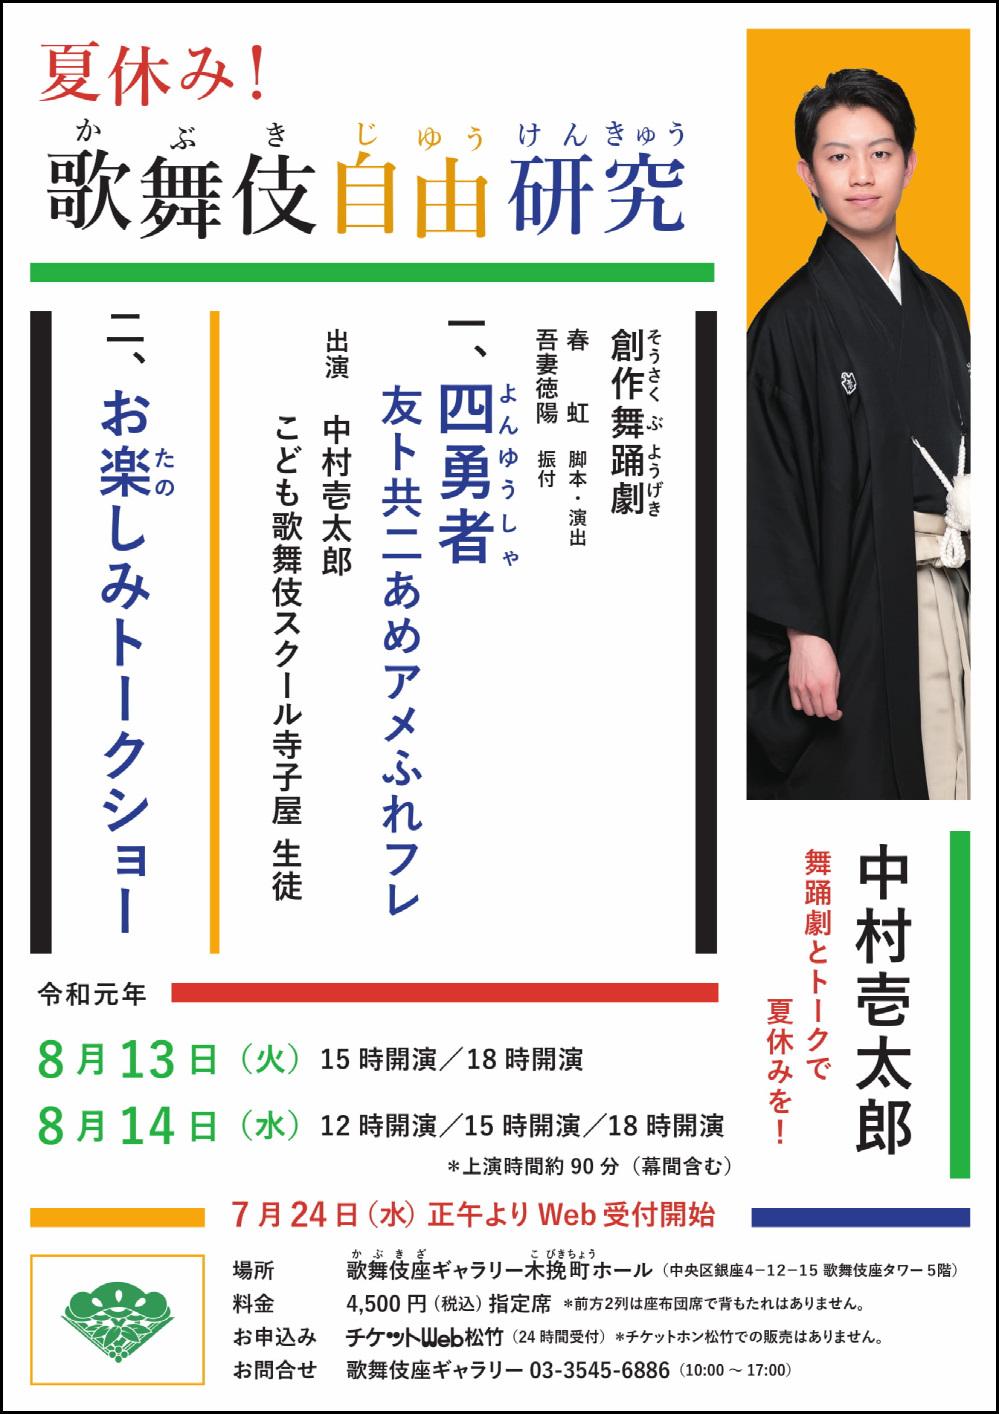 壱太郎「夏休み!歌舞伎自由研究」出演のお知らせ